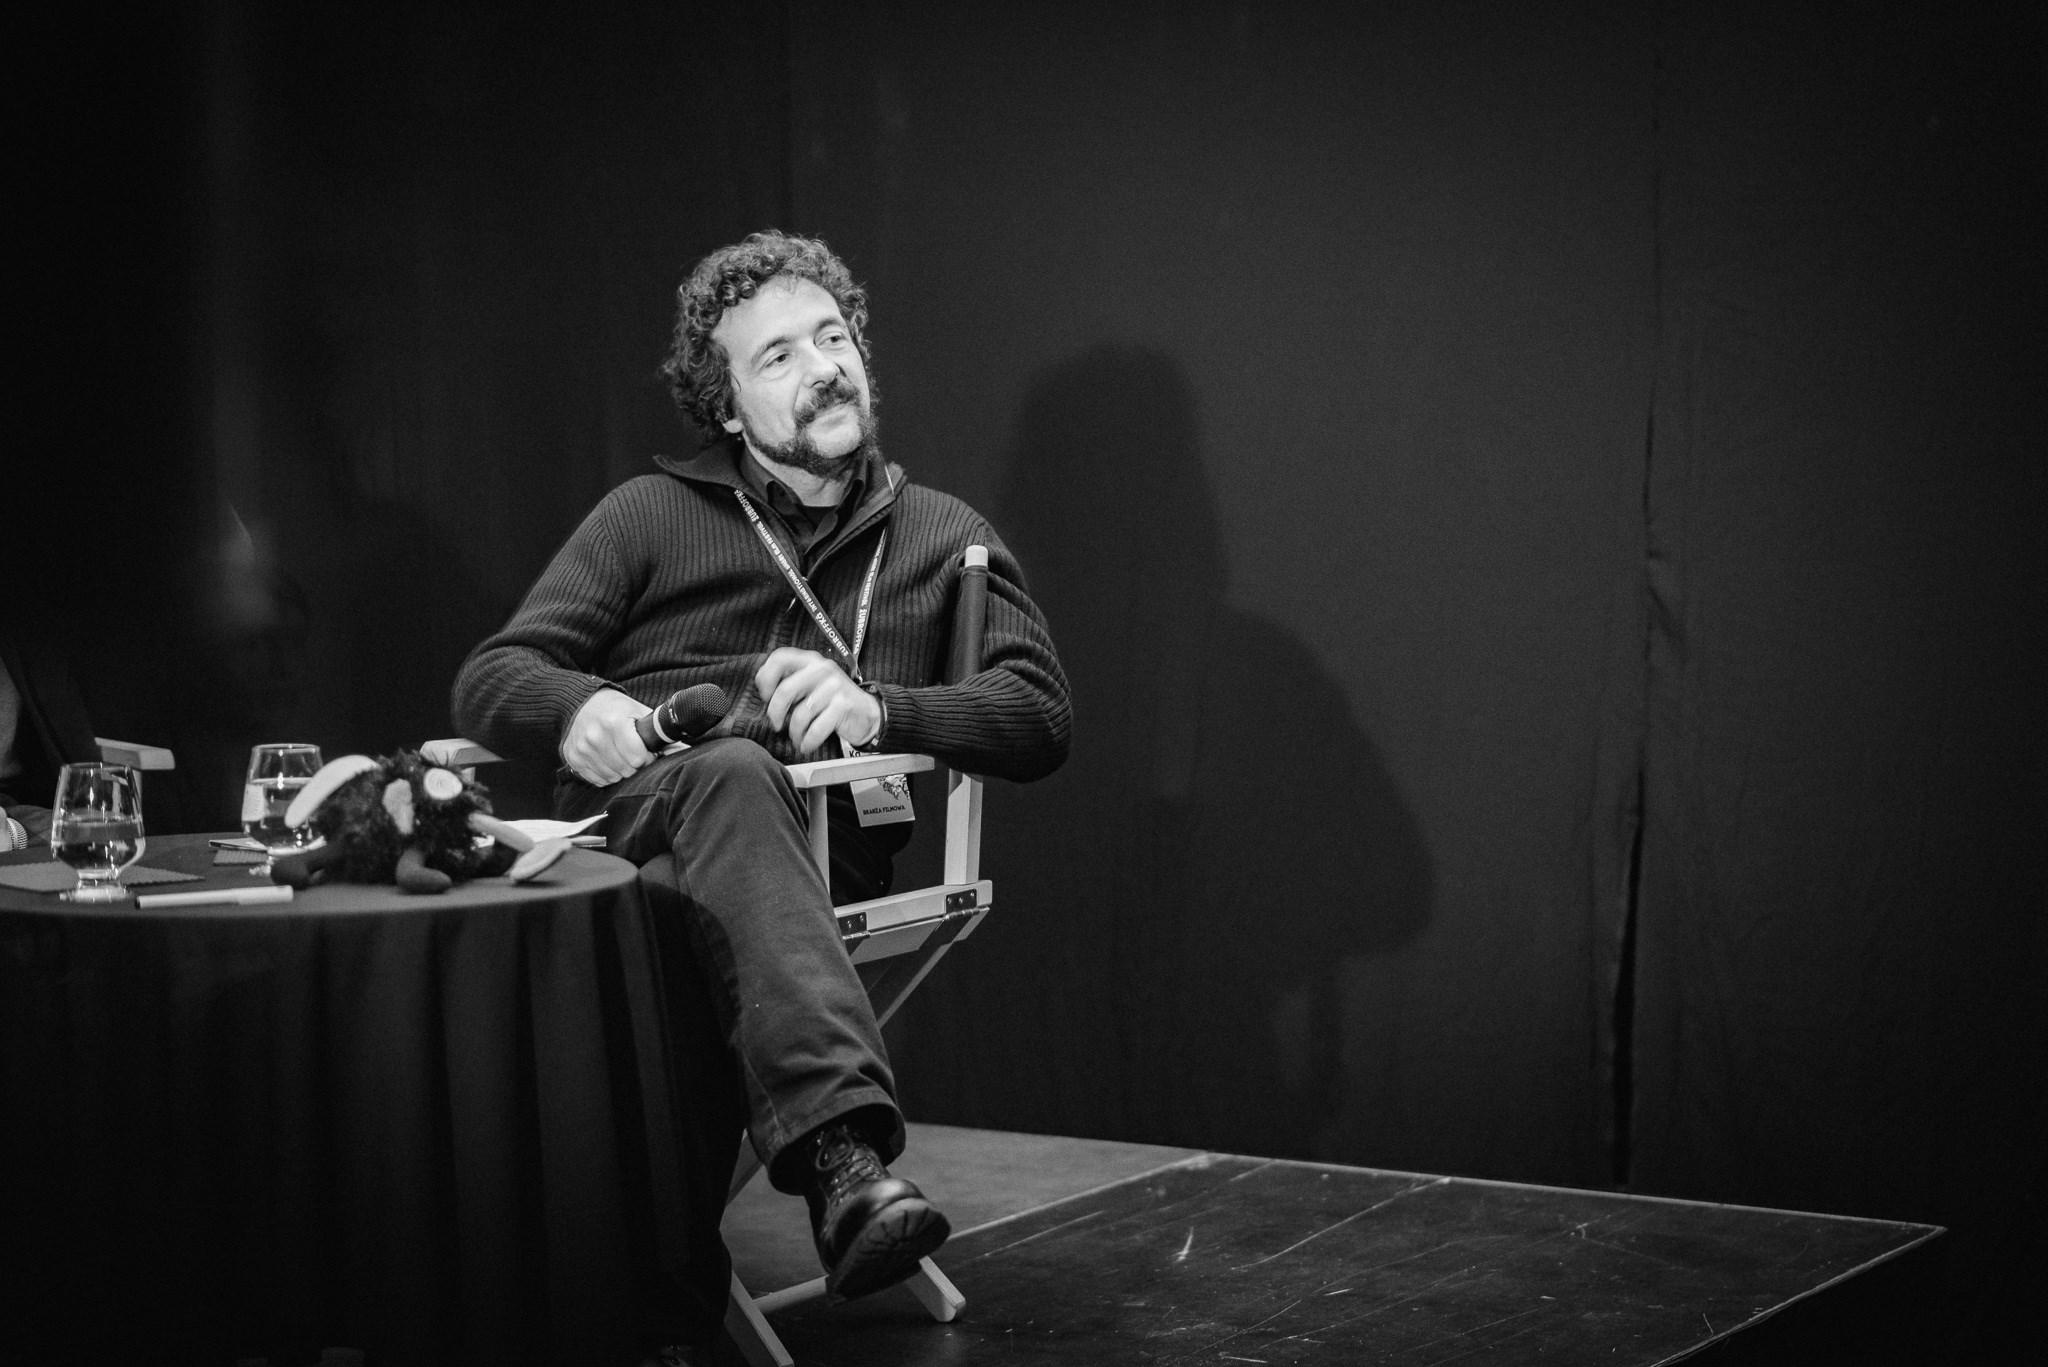 Fotografia: Massimiliano Maltoni